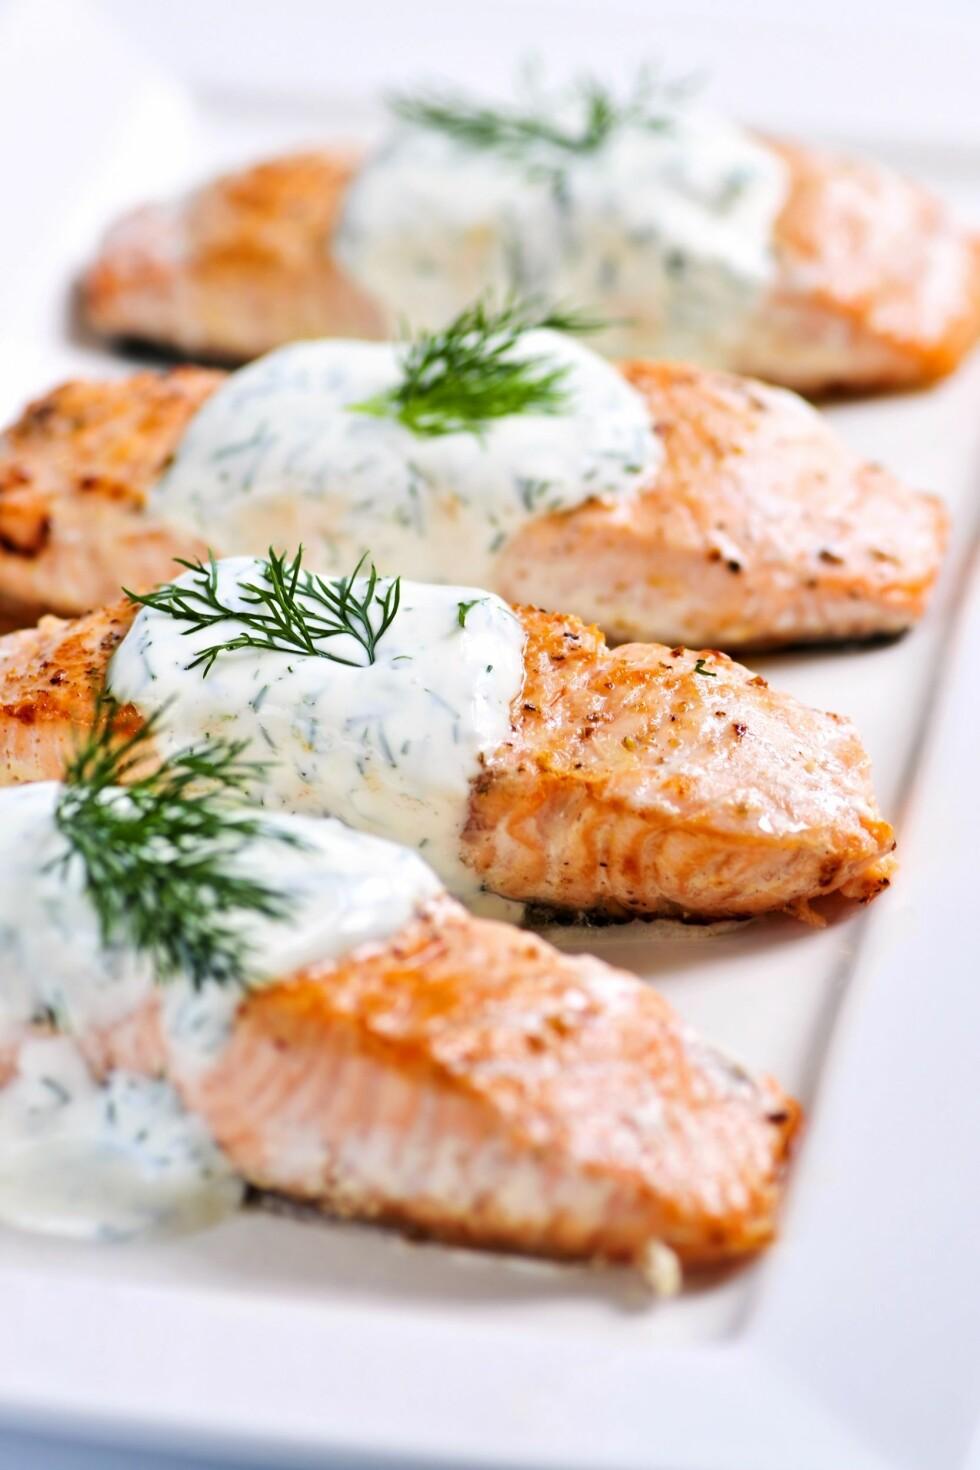 SUNT OG GODT: Laks er en fin kilde til både protein og omega 3. Foto: Colourbox